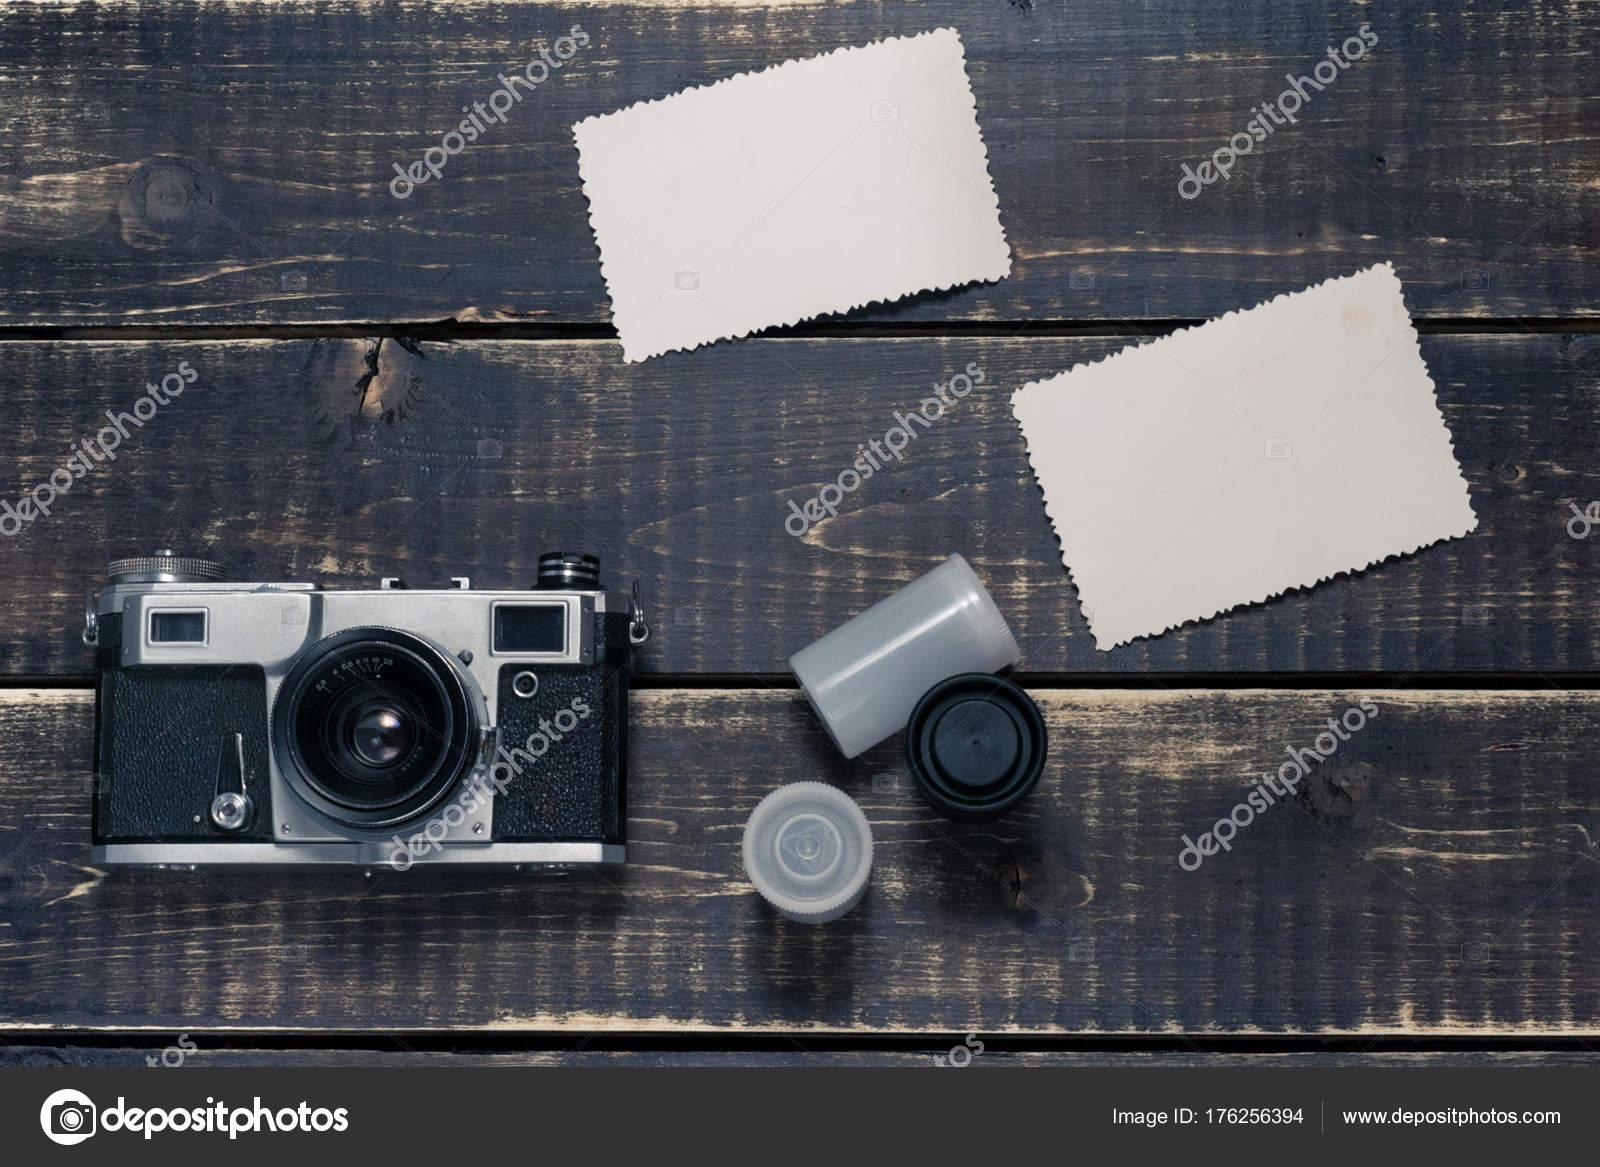 Entfernungsmesser Fotografie : Alten entfernungsmesser vintage und retro fotokamera mit